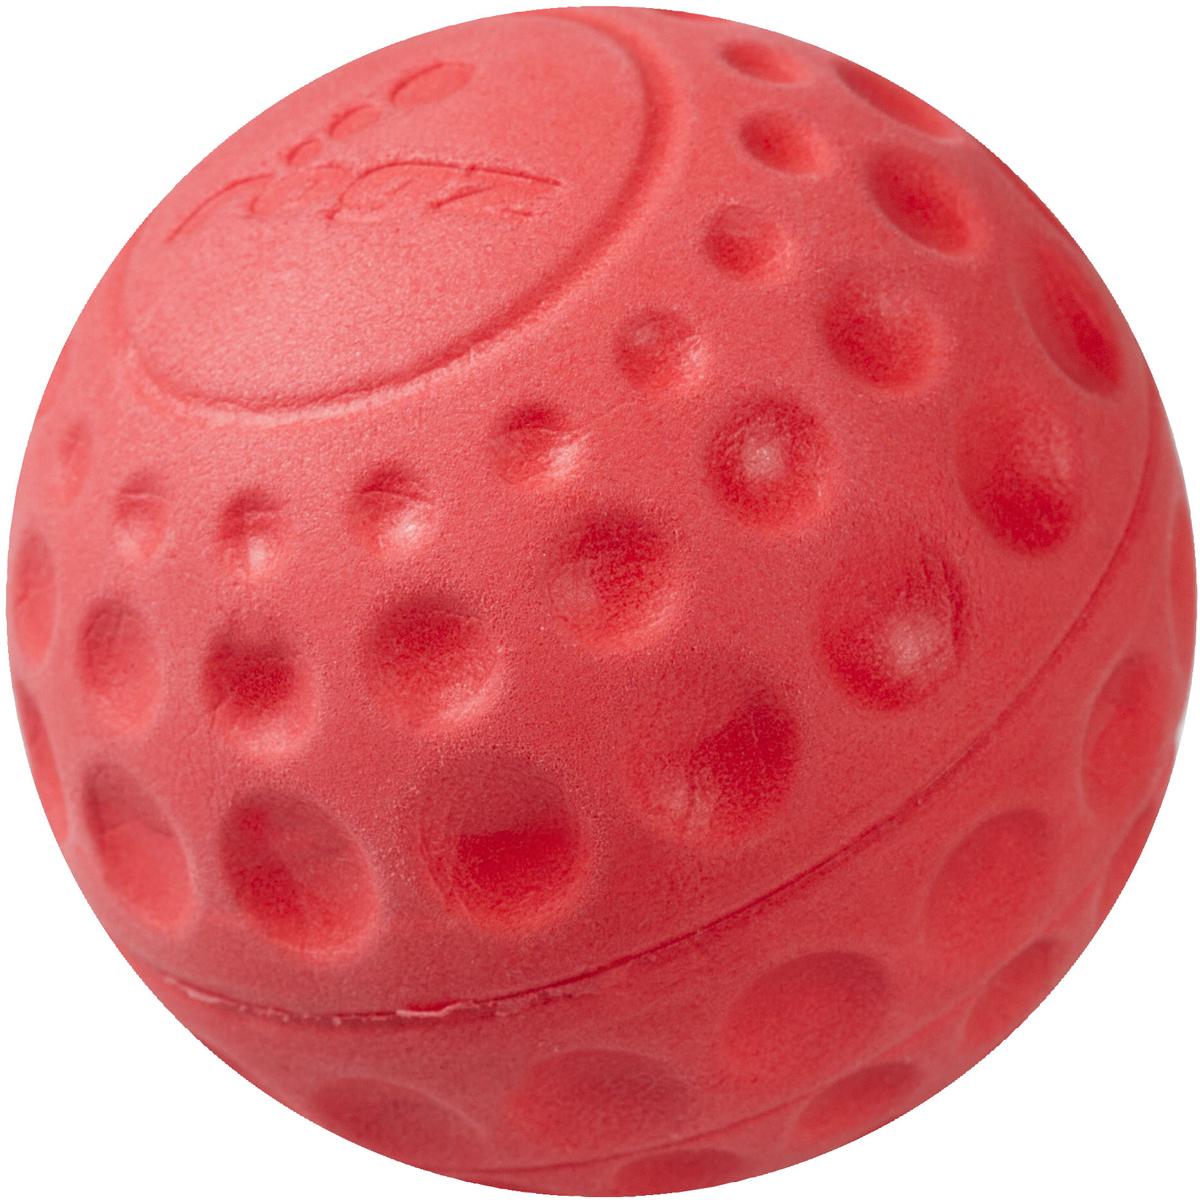 Игрушка для собак Rogz Asteroidz, цвет: красный, диаметр 6,4 см0120710Мяч для собак Rogz Asteroidz предназначен для игры с хозяином Принеси.Мяч имеет небольшой вес, не травмирует десна, не повреждает зубы, удобно носить в пасти.Отличная упругость для подпрыгивания.Изготовлено из особого термоэла-стопласта Sebs, обеспечивающего великолепную плавучесть в воде, поэтому игрушка отлично подходит для игры в водоеме. Материал изделия: EVA (этиленвинилацетат) - легкий мелкопористый материал, похожий на застывшую пену.Не токсичен.